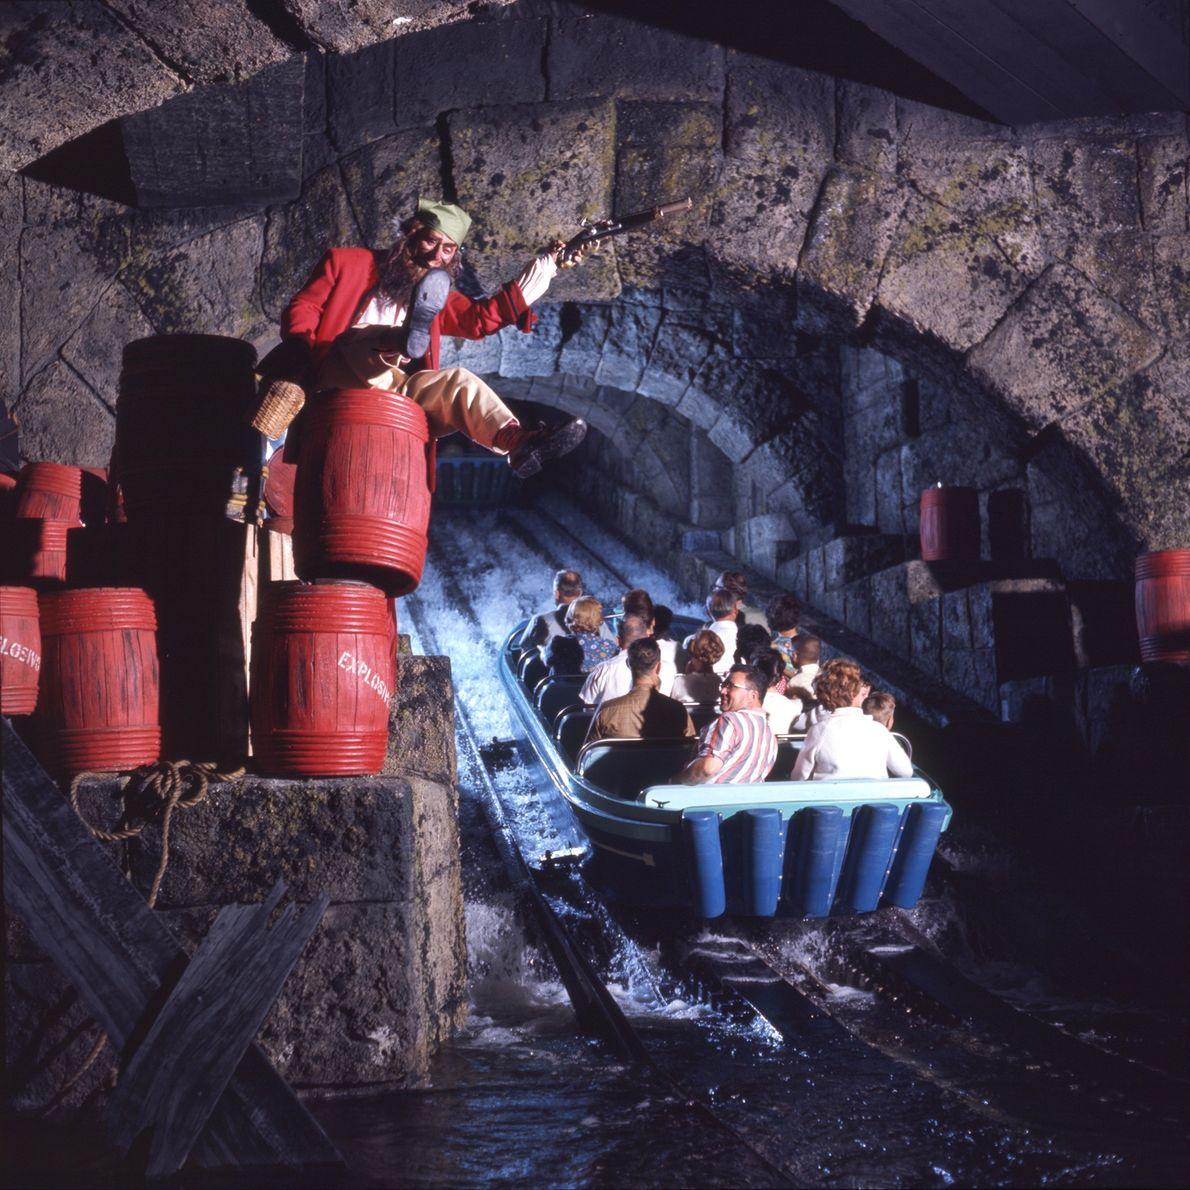 """Ein betrunkener Pirat droht den Touristen, die mit einem Boot durch die Attraktion """"Pirates of the ..."""